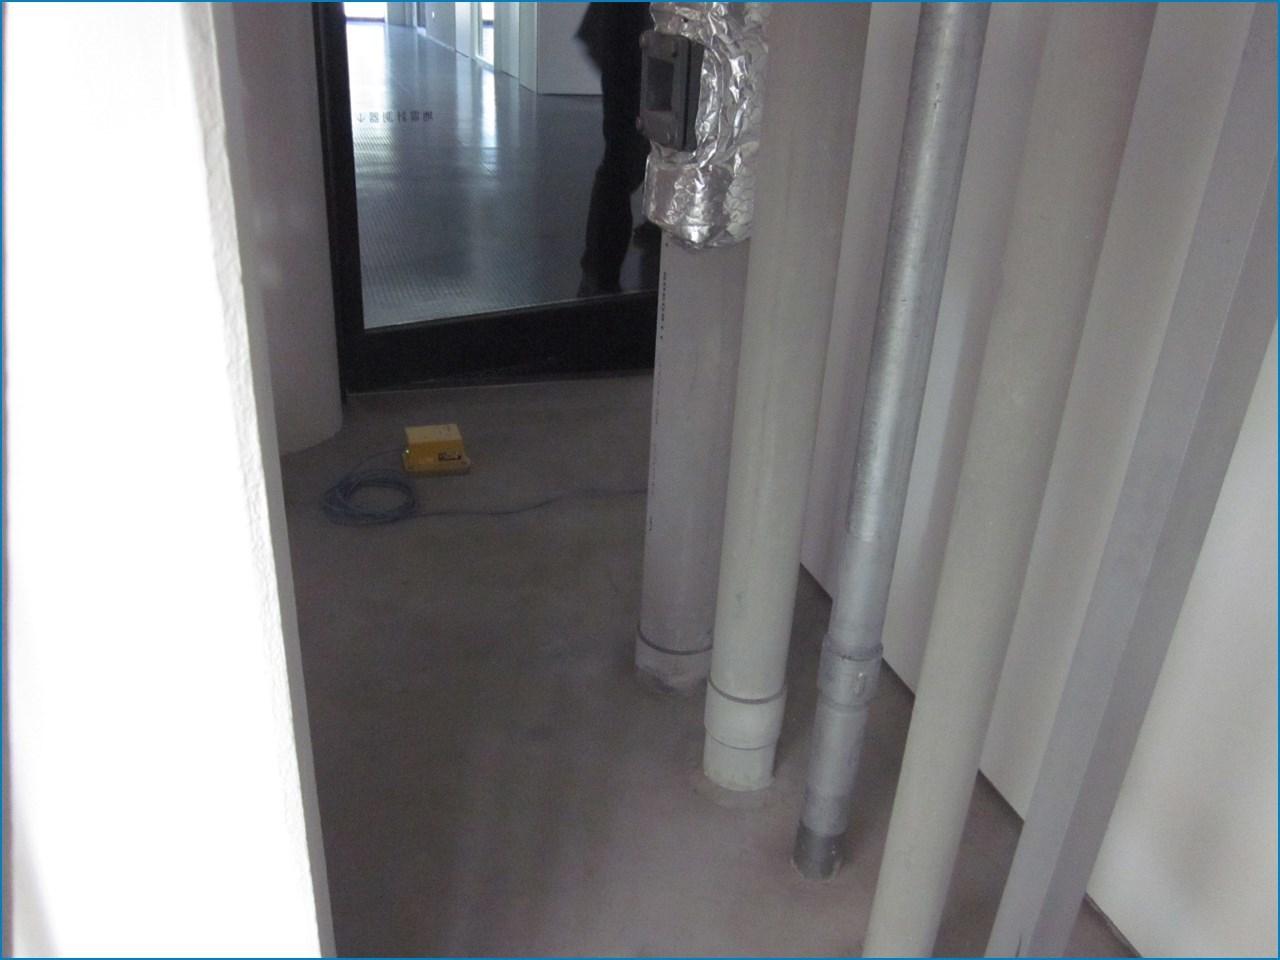 静岡理工科大学 理工学部 建築学科棟の見学 1_c0376508_05242454.jpg